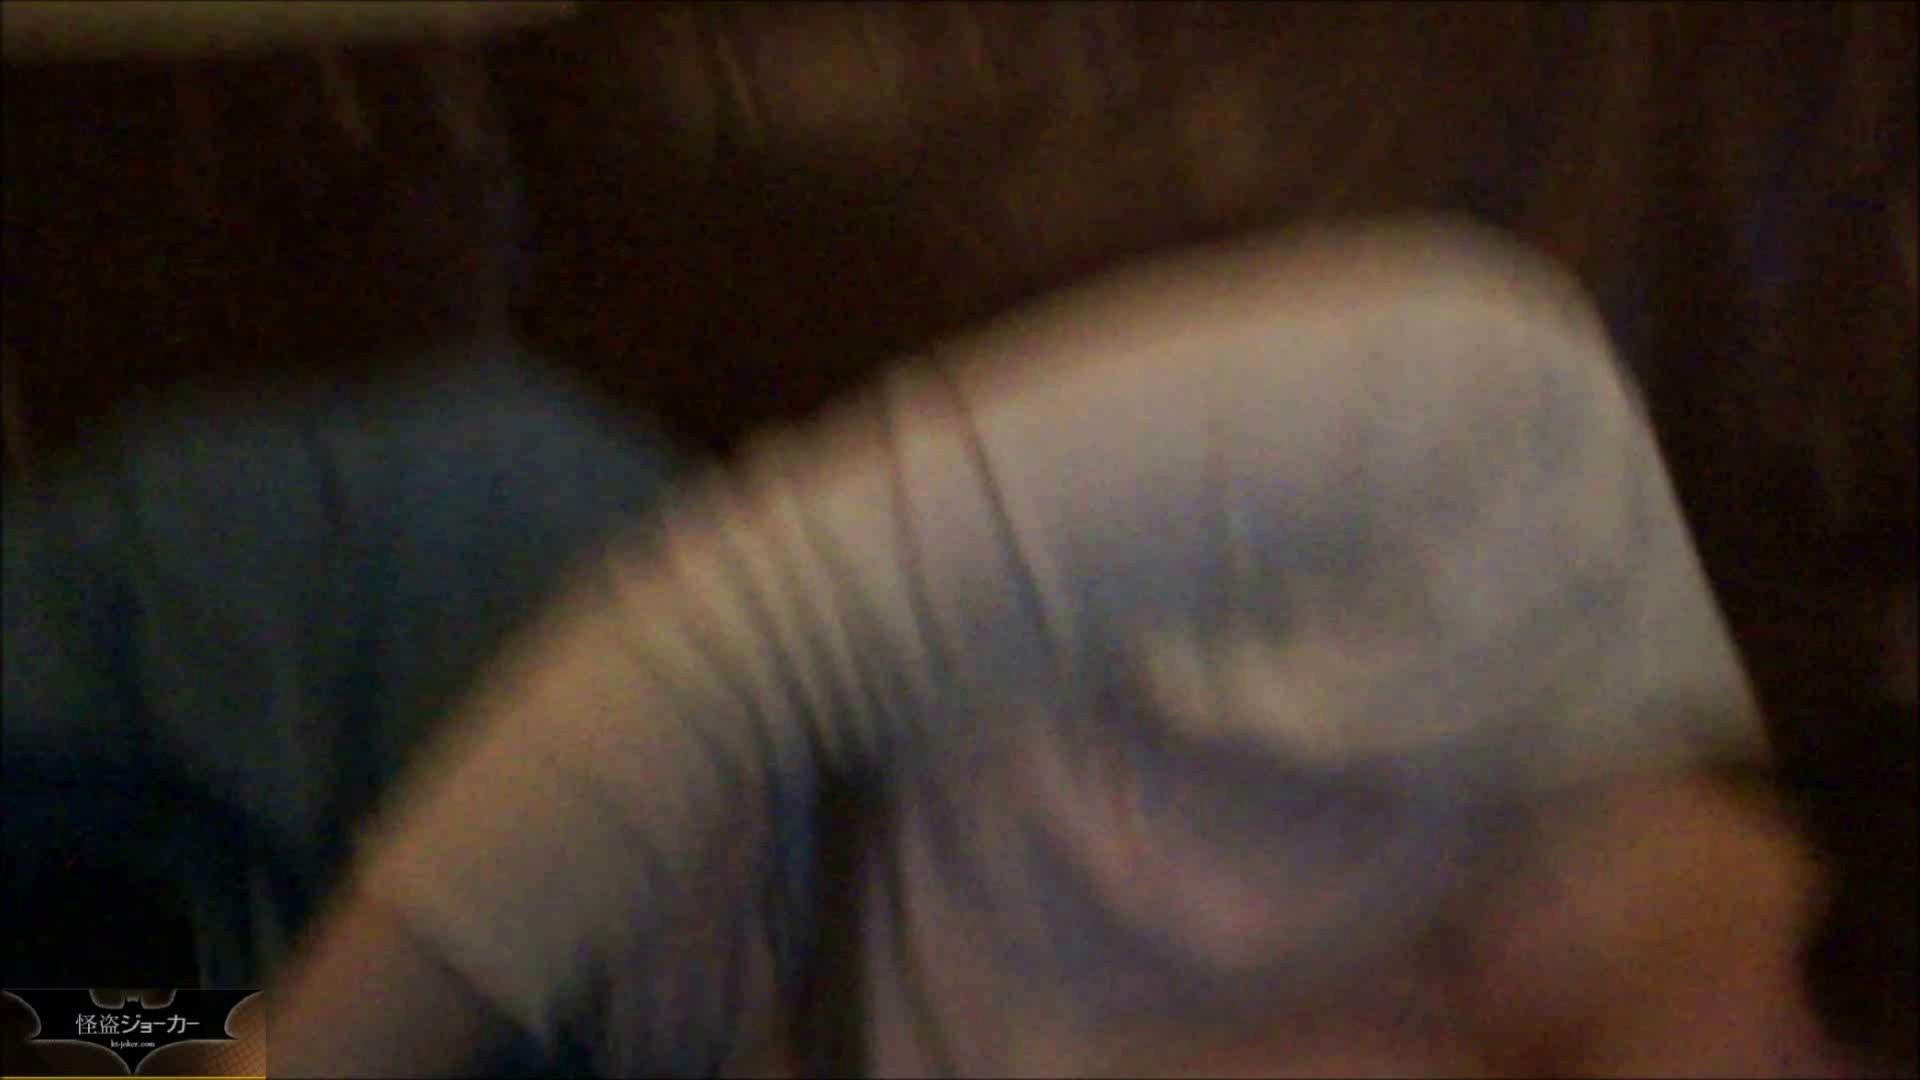 vol.2【白衣の天使・23歳】☆のりこちゃん☆カラオケで酔い潰して!! マンコ  112PIX 49